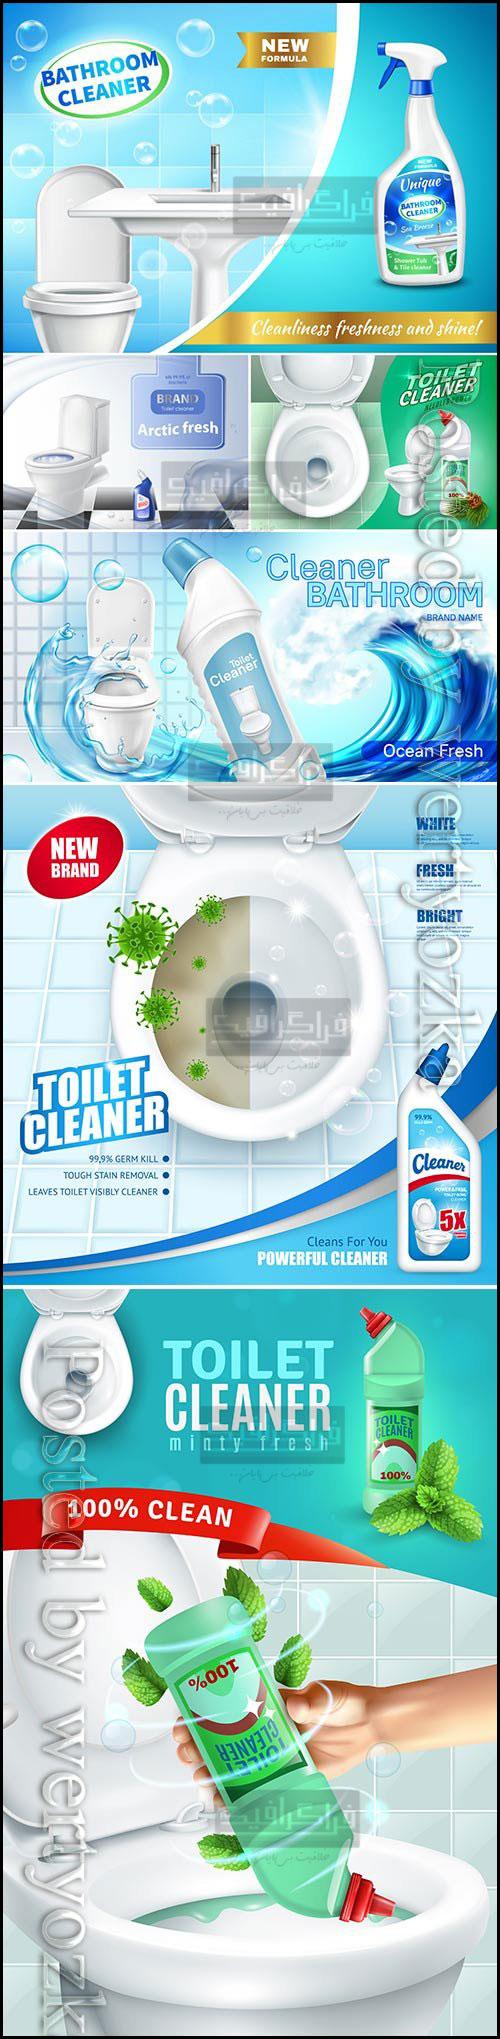 دانلود وکتور های تبلیغاتی محصولات شوینده سرویس بهداشتی